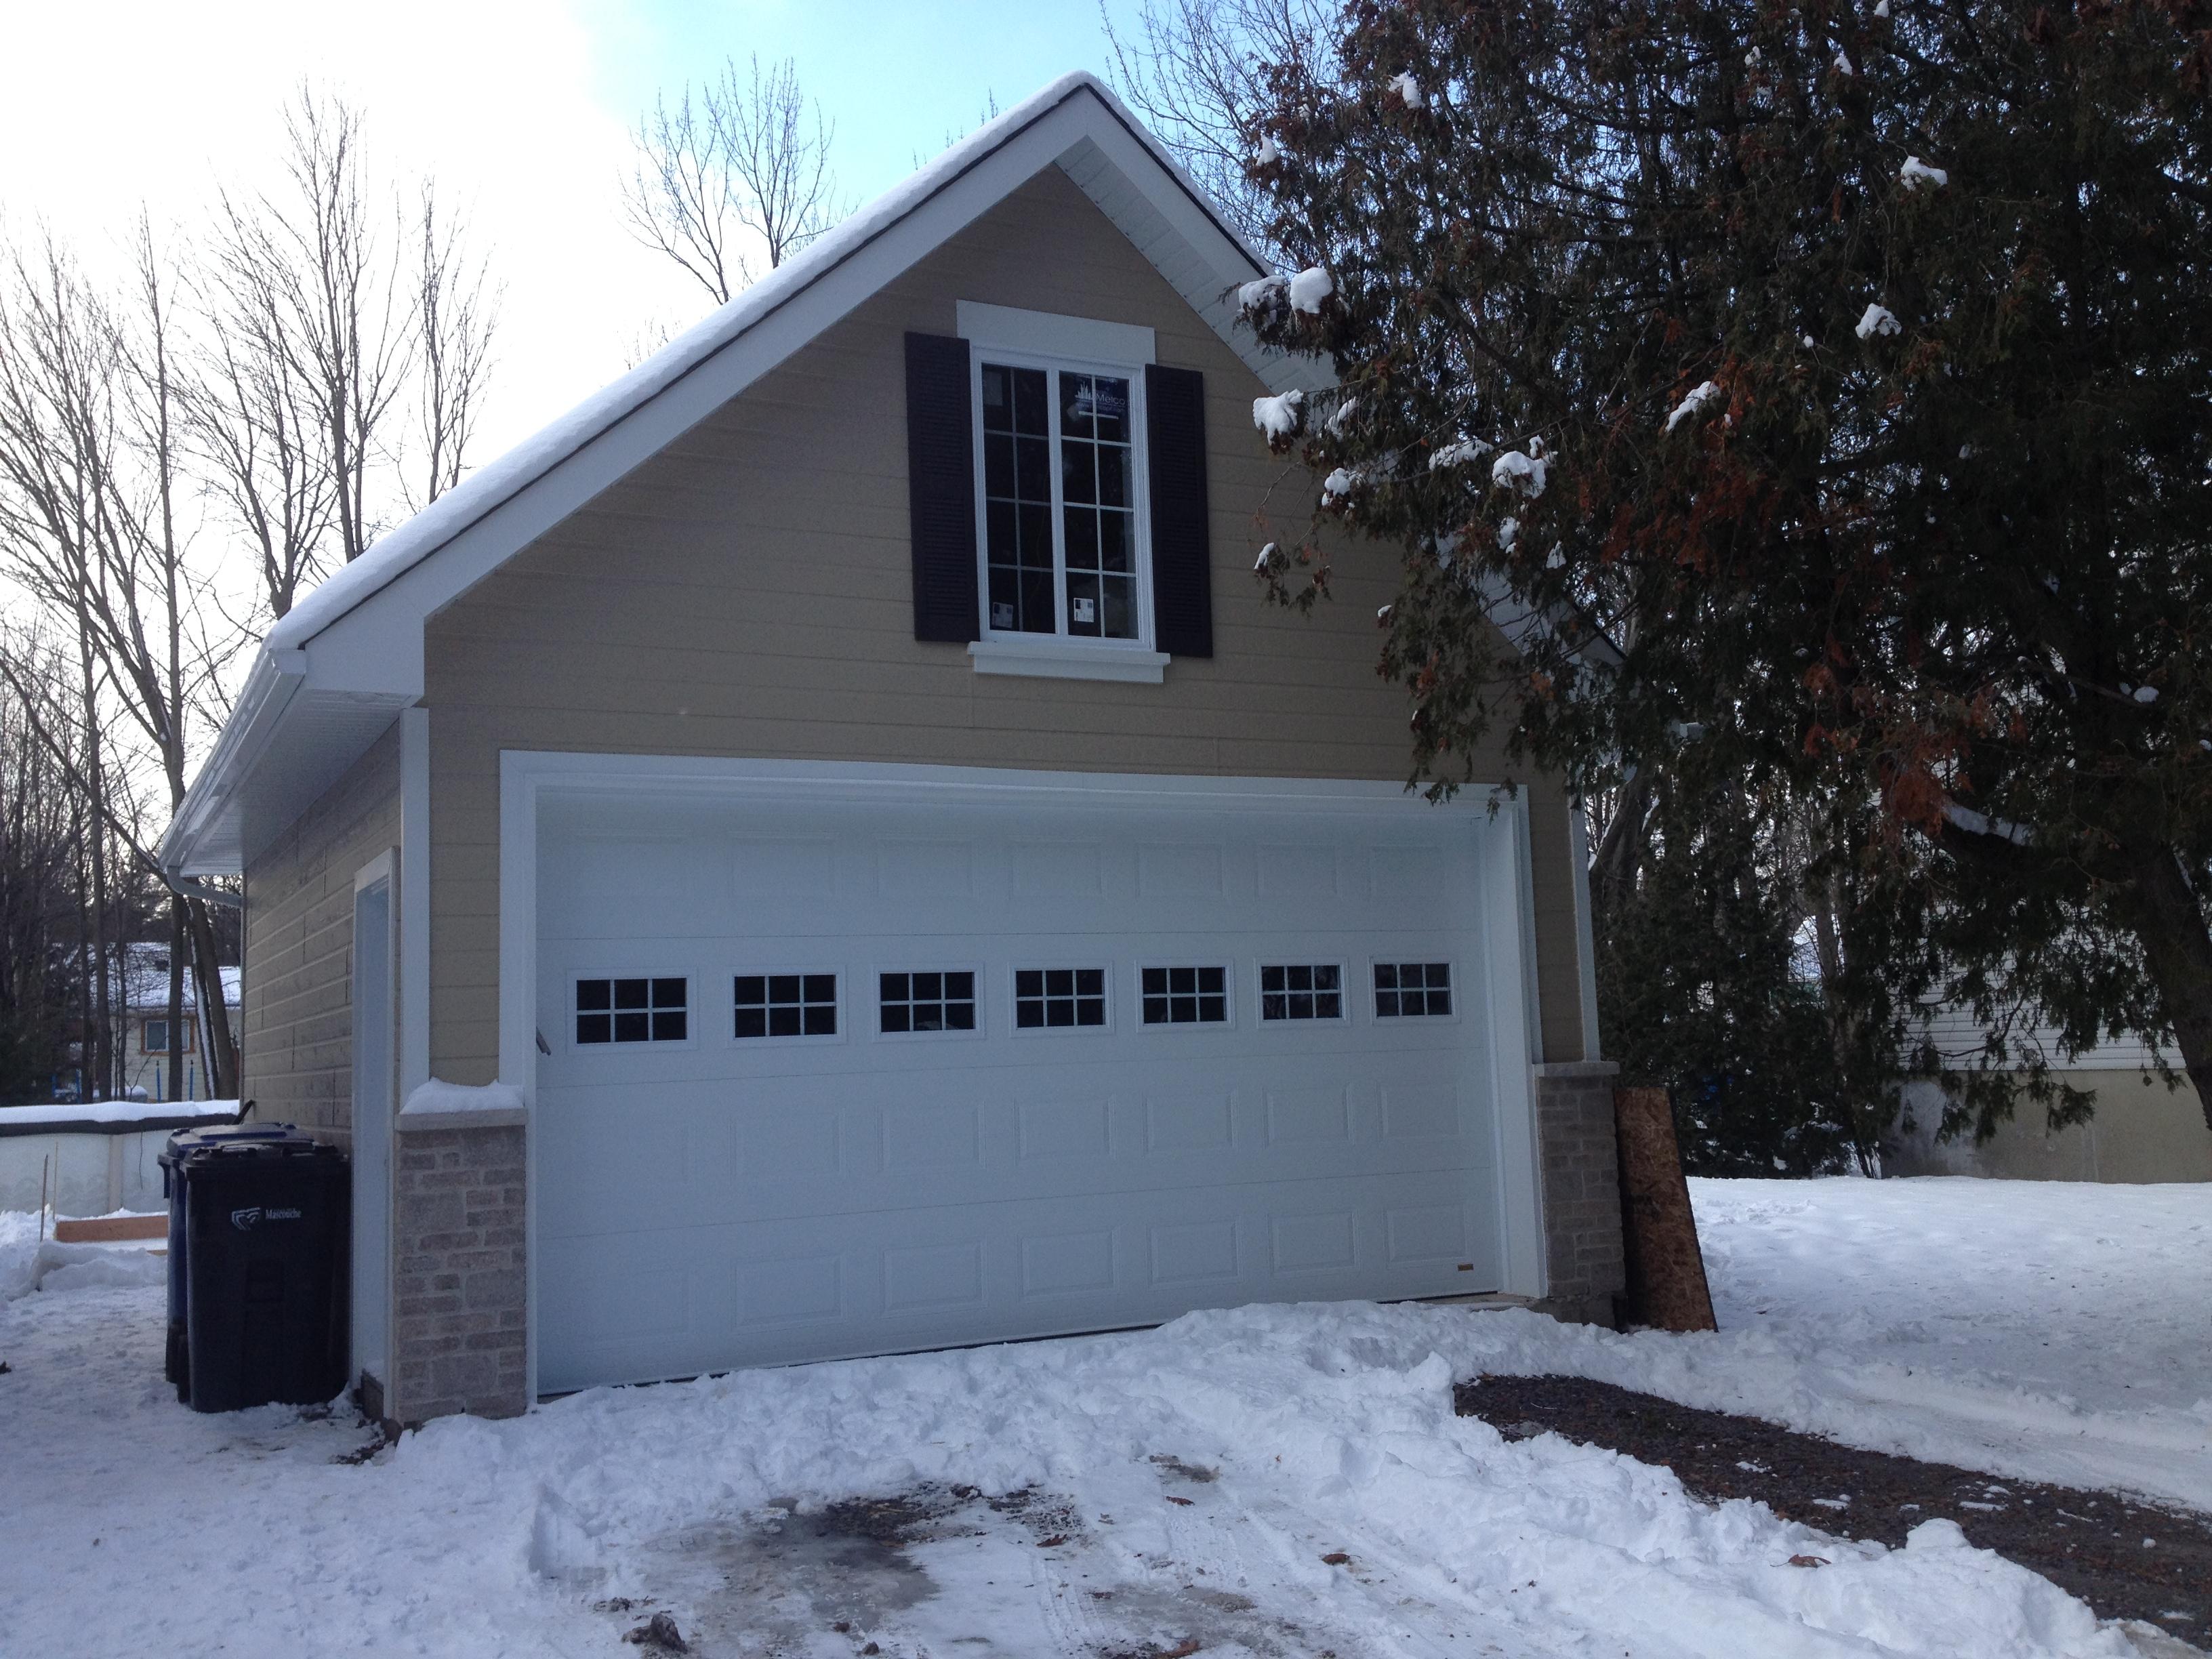 isolation toit r 40 revtement murs canexel revtement toit bardeaux porte de service 2 fentre 2 porte de garage 1 de 16 x 8